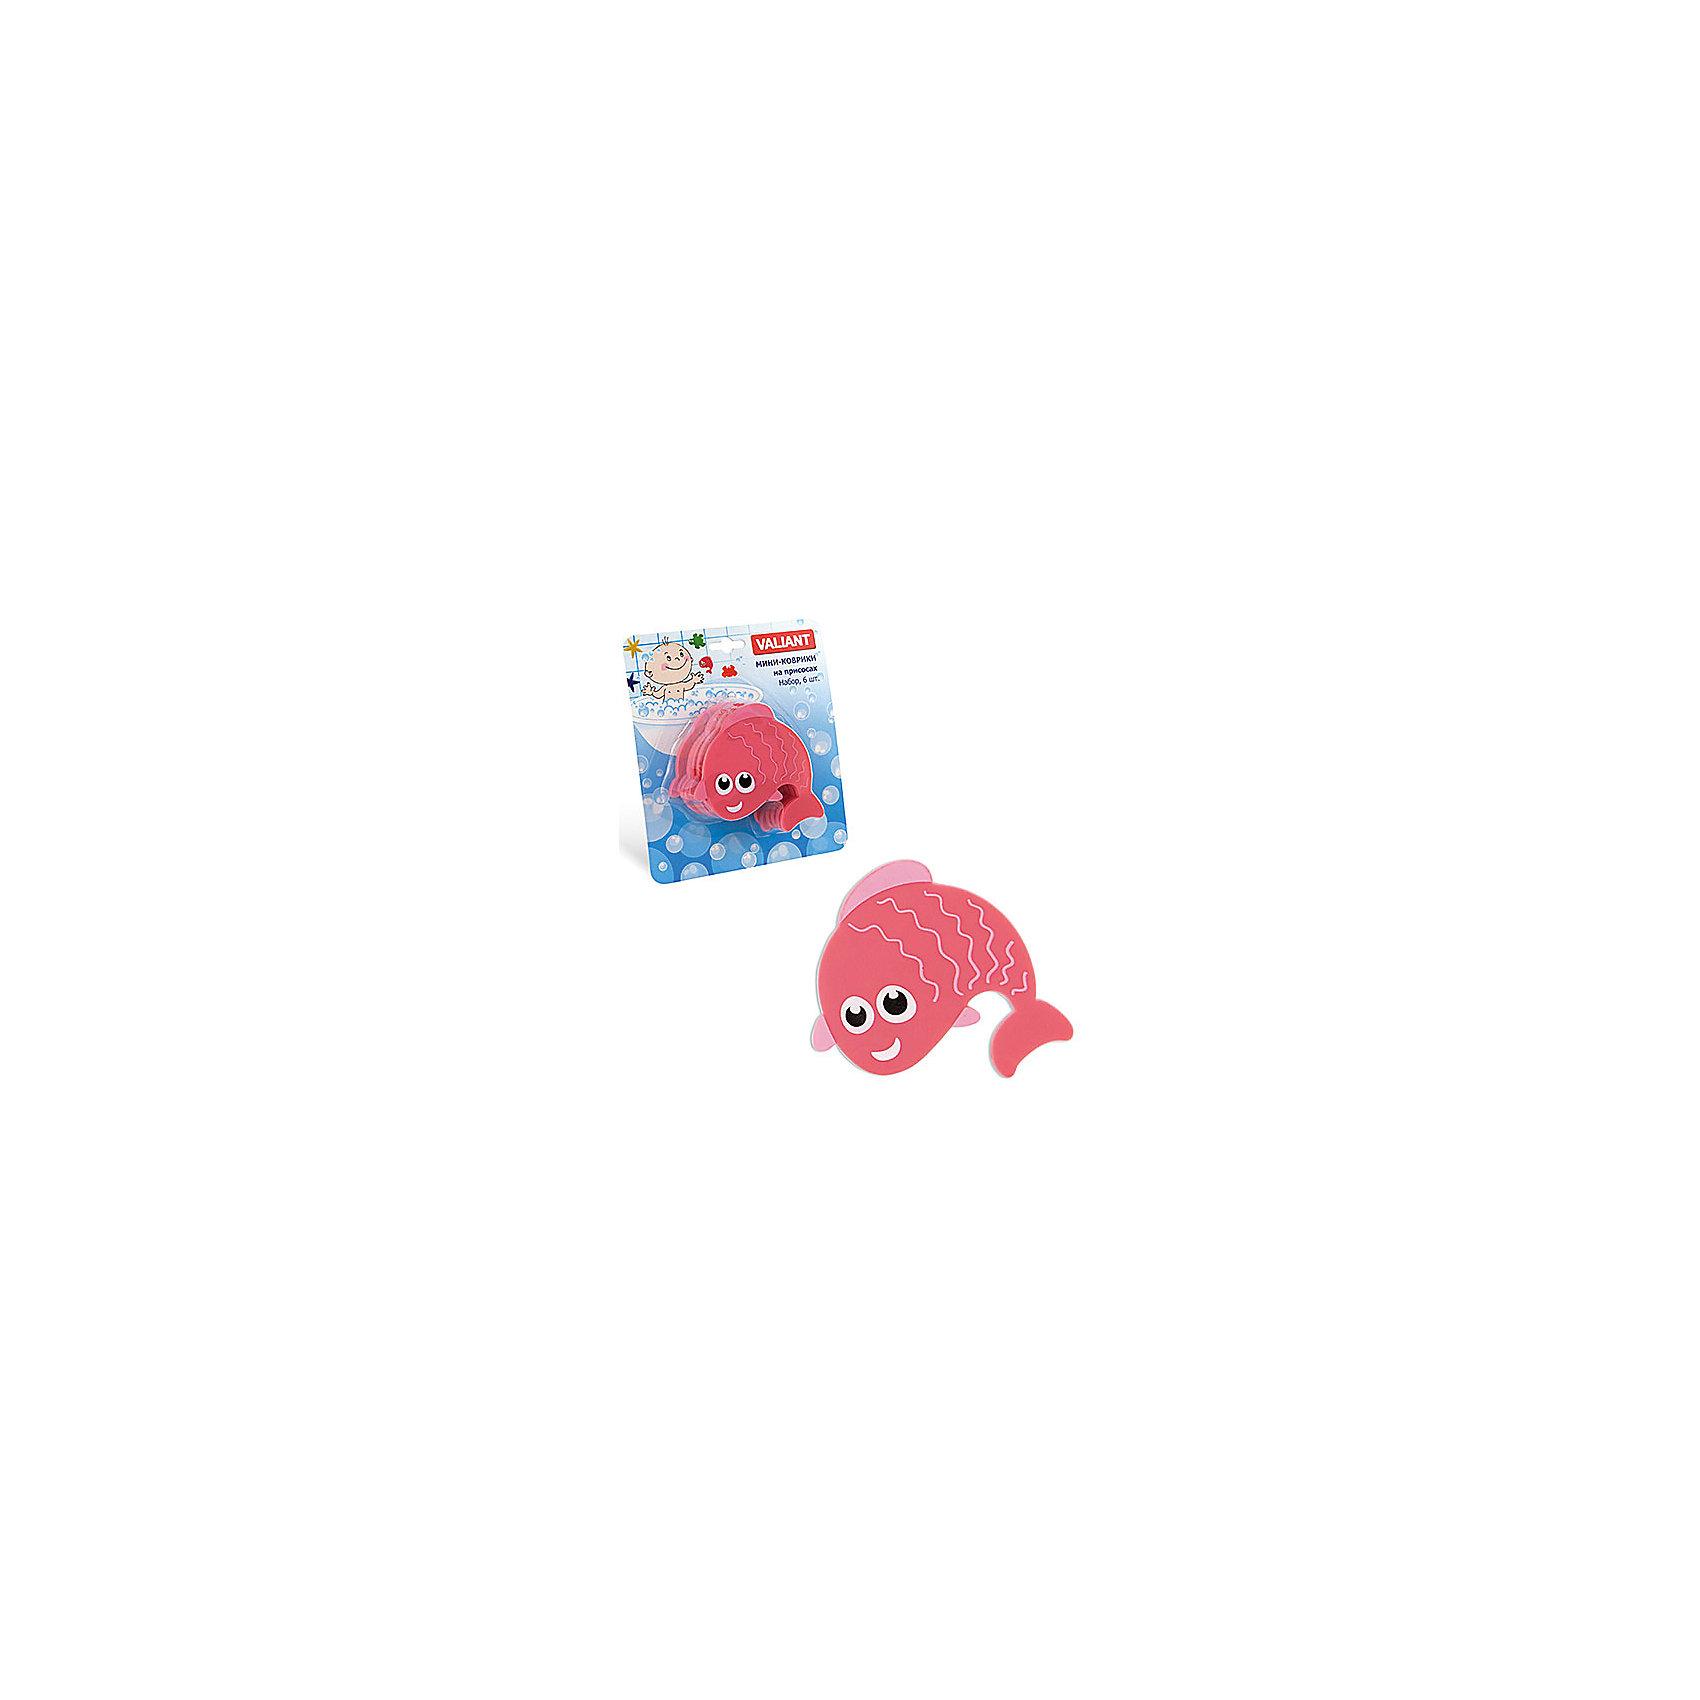 Набор ковриков Рыбешка на присосках (6 шт)Мини-коврики для ванной комнаты - это яркое дополнение к купанию малыша. Это и игра и развитие моторики и изучение зверушек. <br>Колоссальный и постоянно растущий спрос на них обусловлен реакцией малышей и их мам на данное изобретение по всему миру.<br>Мини-коврики снабжены присосками и превосходно клеятся на влажный кафель.<br><br>Ширина мм: 100<br>Глубина мм: 100<br>Высота мм: 50<br>Вес г: 188<br>Возраст от месяцев: -2147483648<br>Возраст до месяцев: 2147483647<br>Пол: Унисекс<br>Возраст: Детский<br>SKU: 4563310